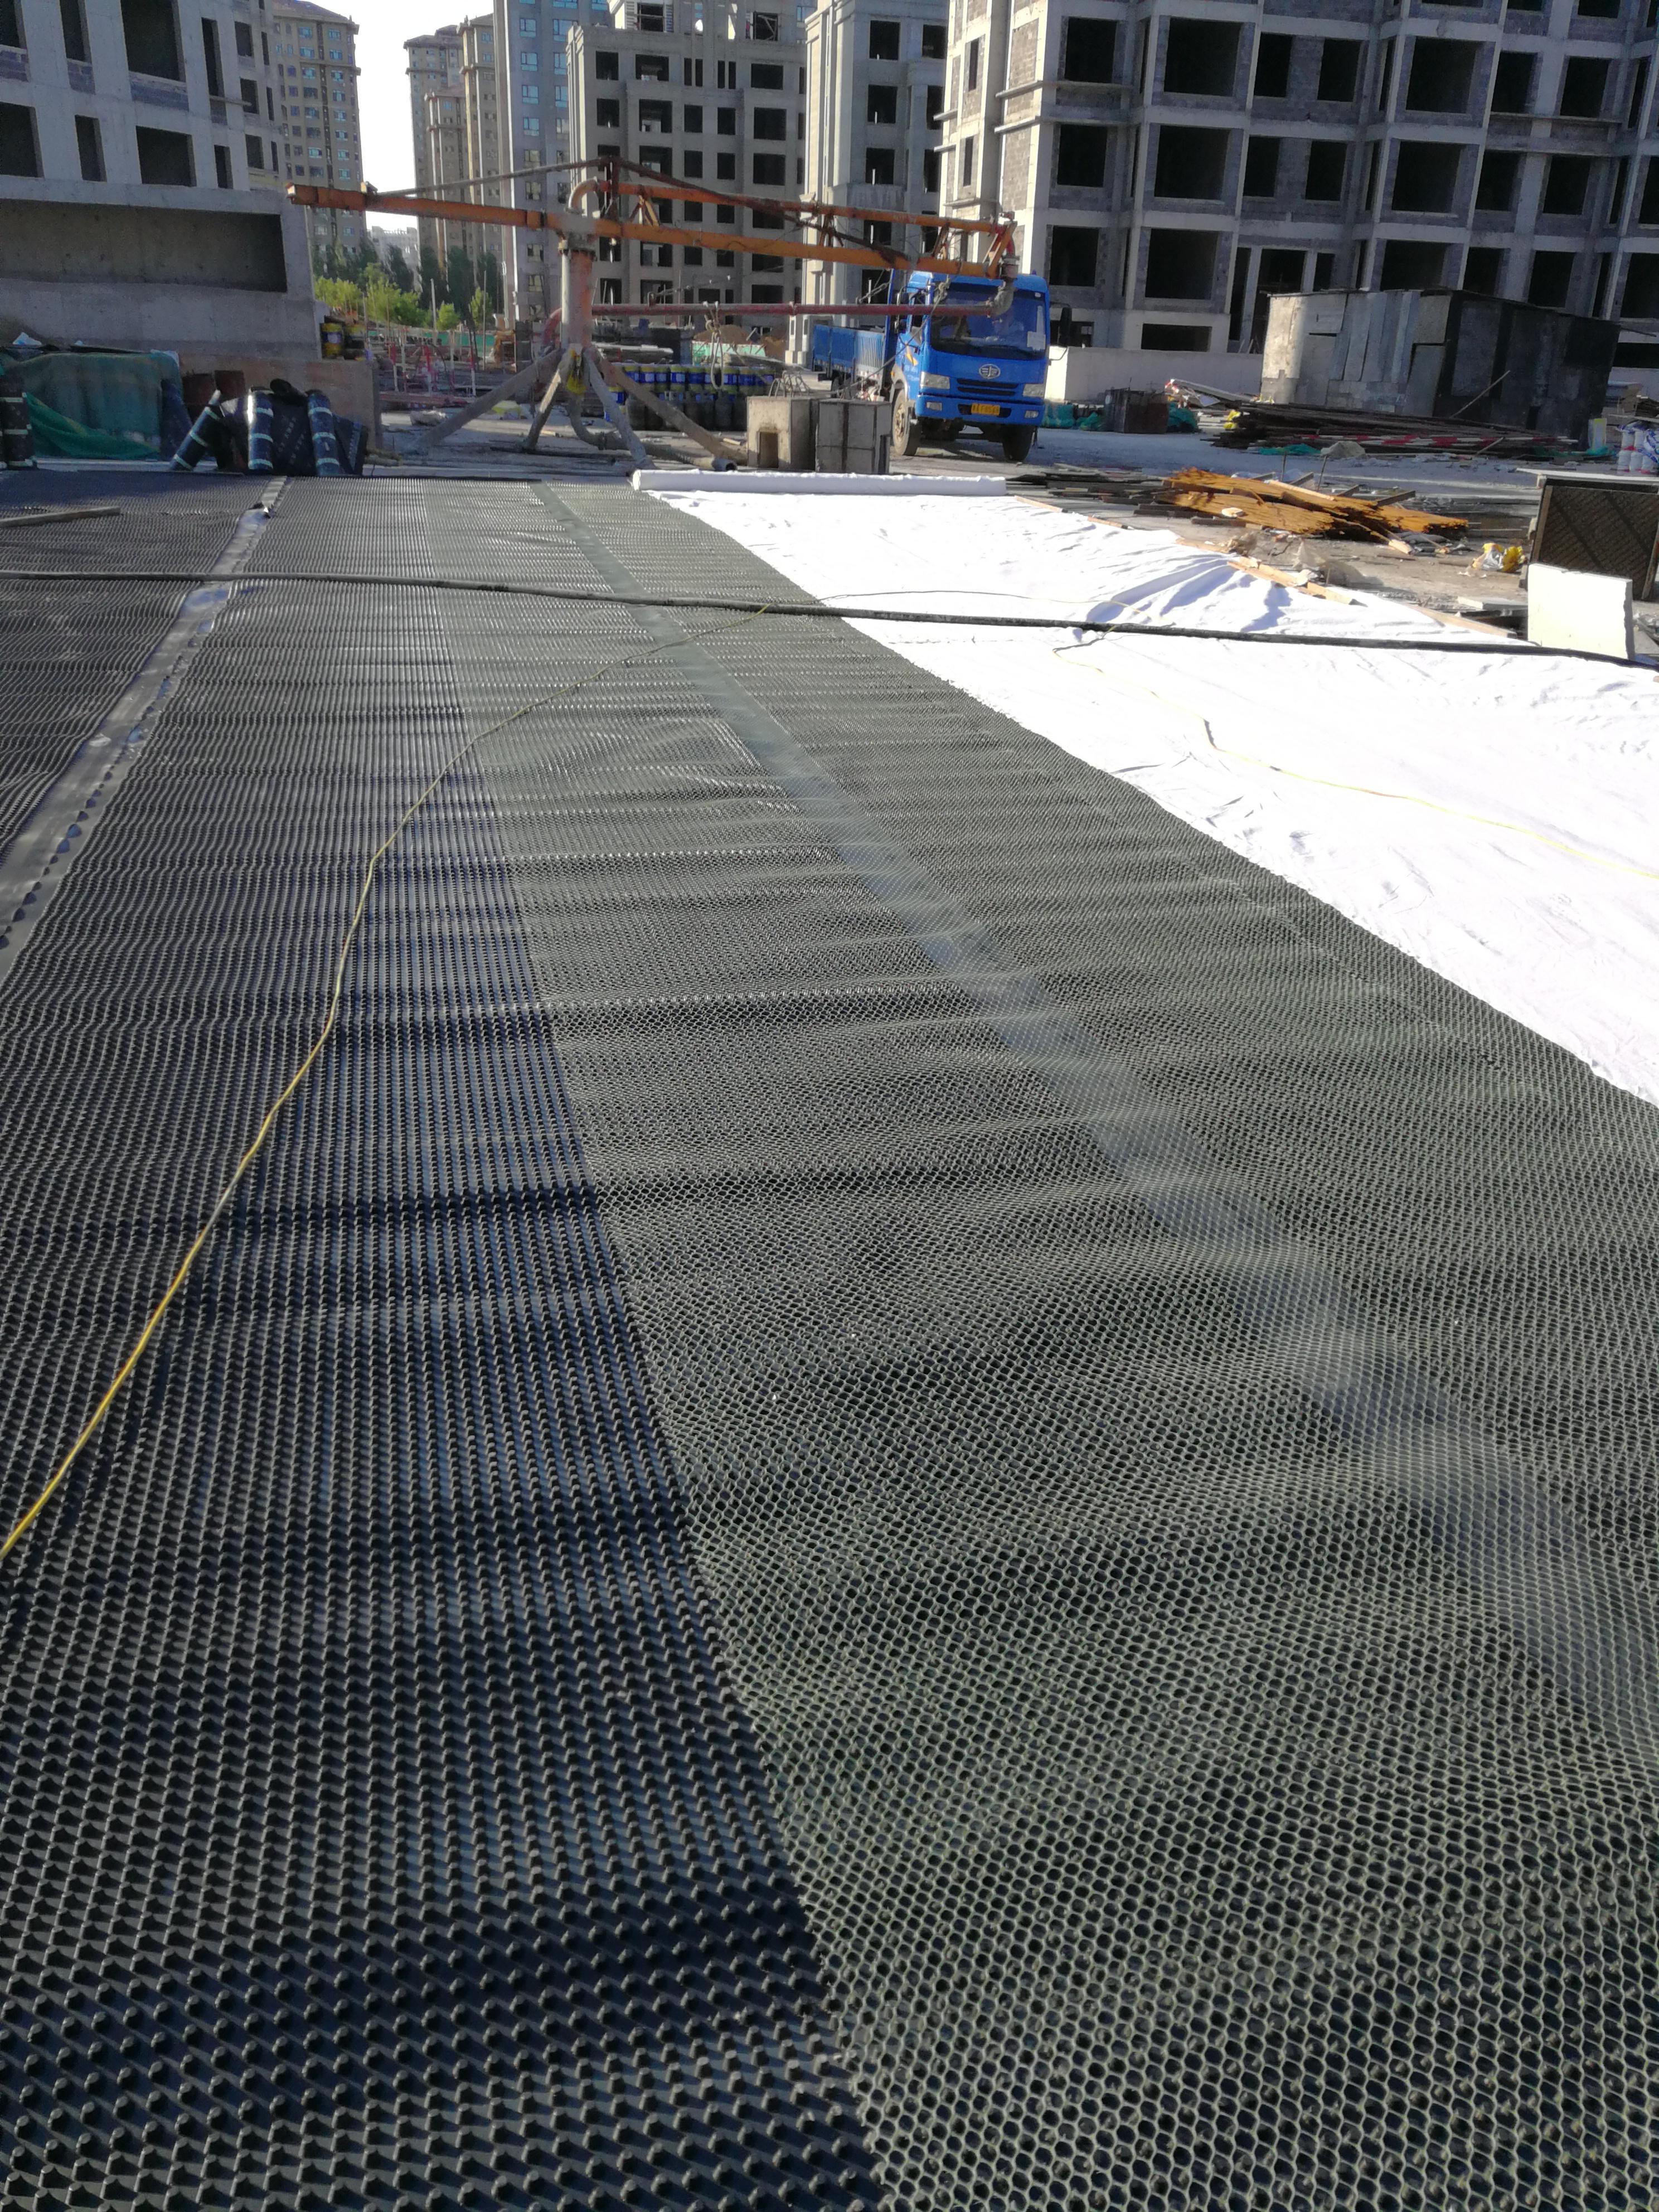 牡丹排水板疏水板塑料排水板凹凸排水板防根刺供应排水板施工